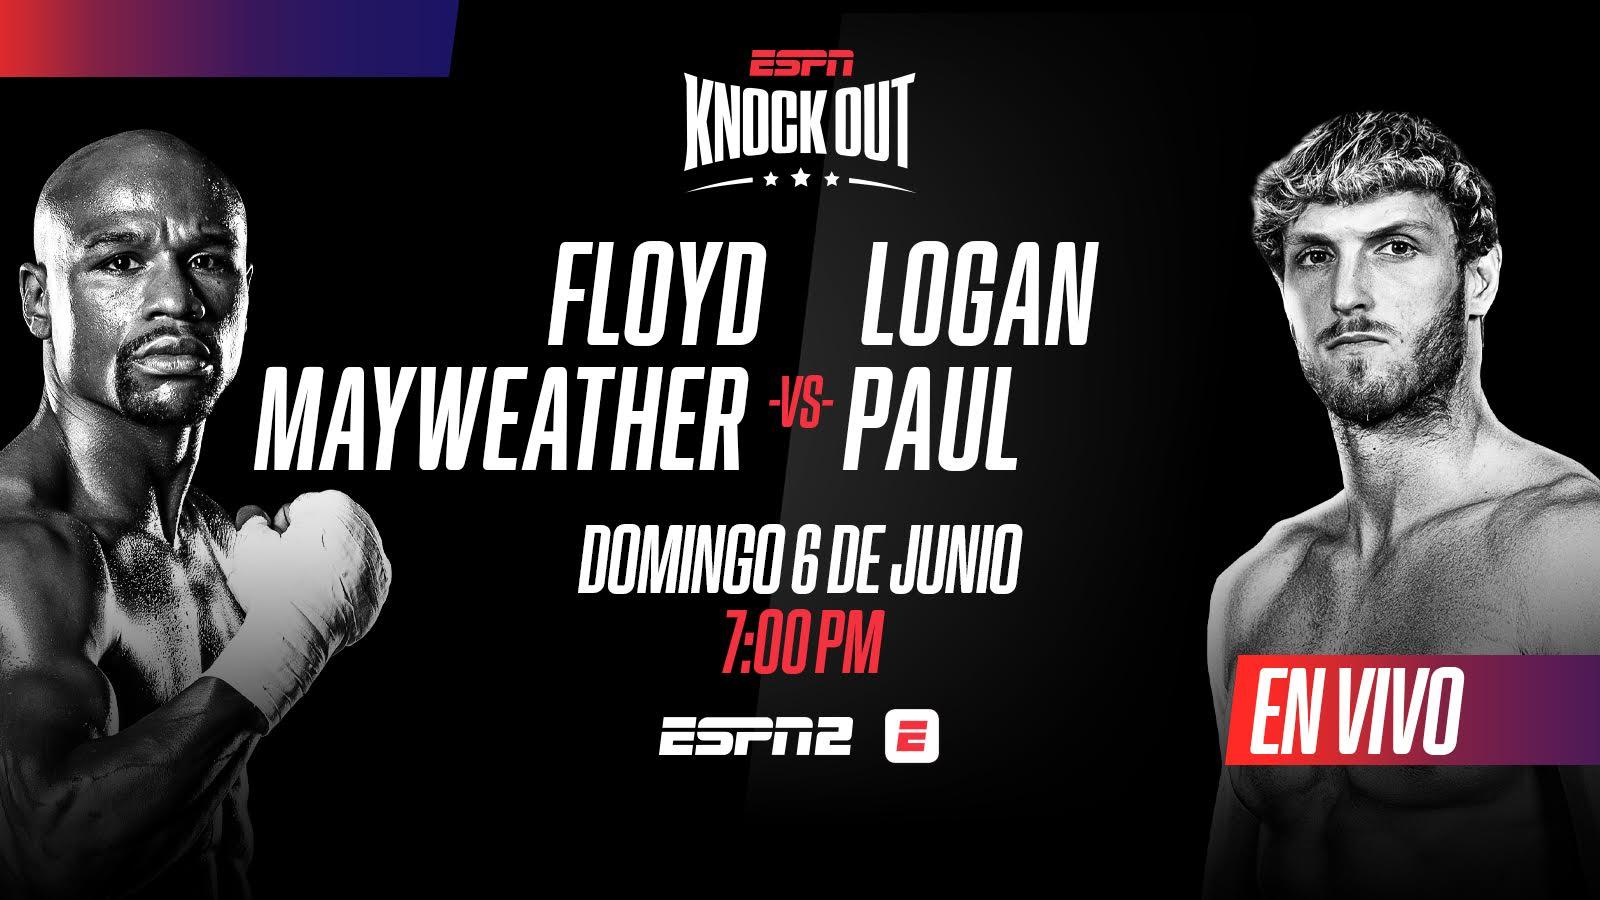 ¿Cómo ver la pelea de exhibición entre Floyd Mayweather vs el youtuber Logan Paul?